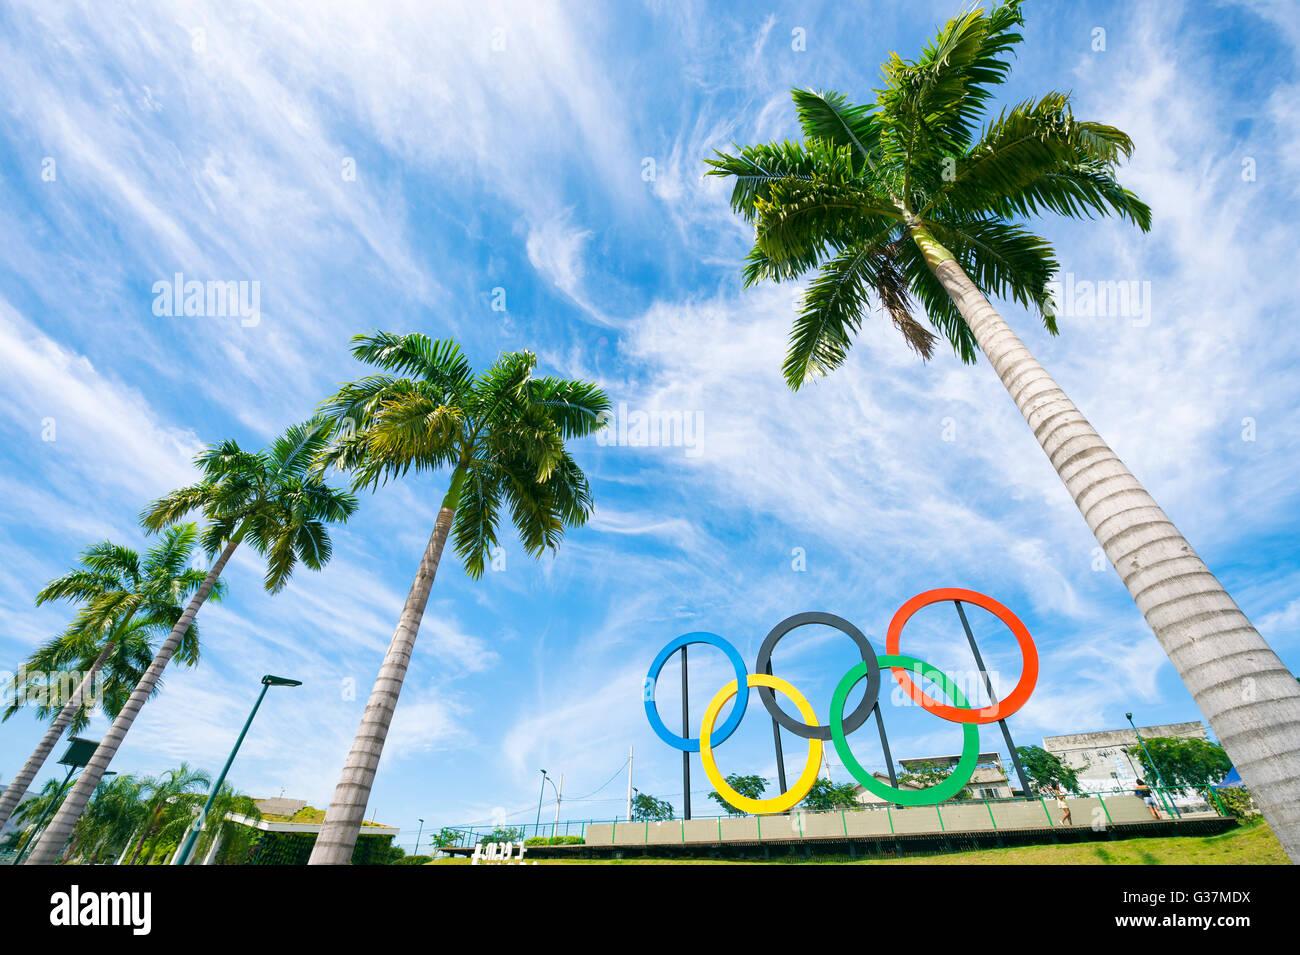 RIO DE JANEIRO - le 18 mars 2016: anneaux olympiques se tiennent près de grands palmiers dans le parc Photo Stock